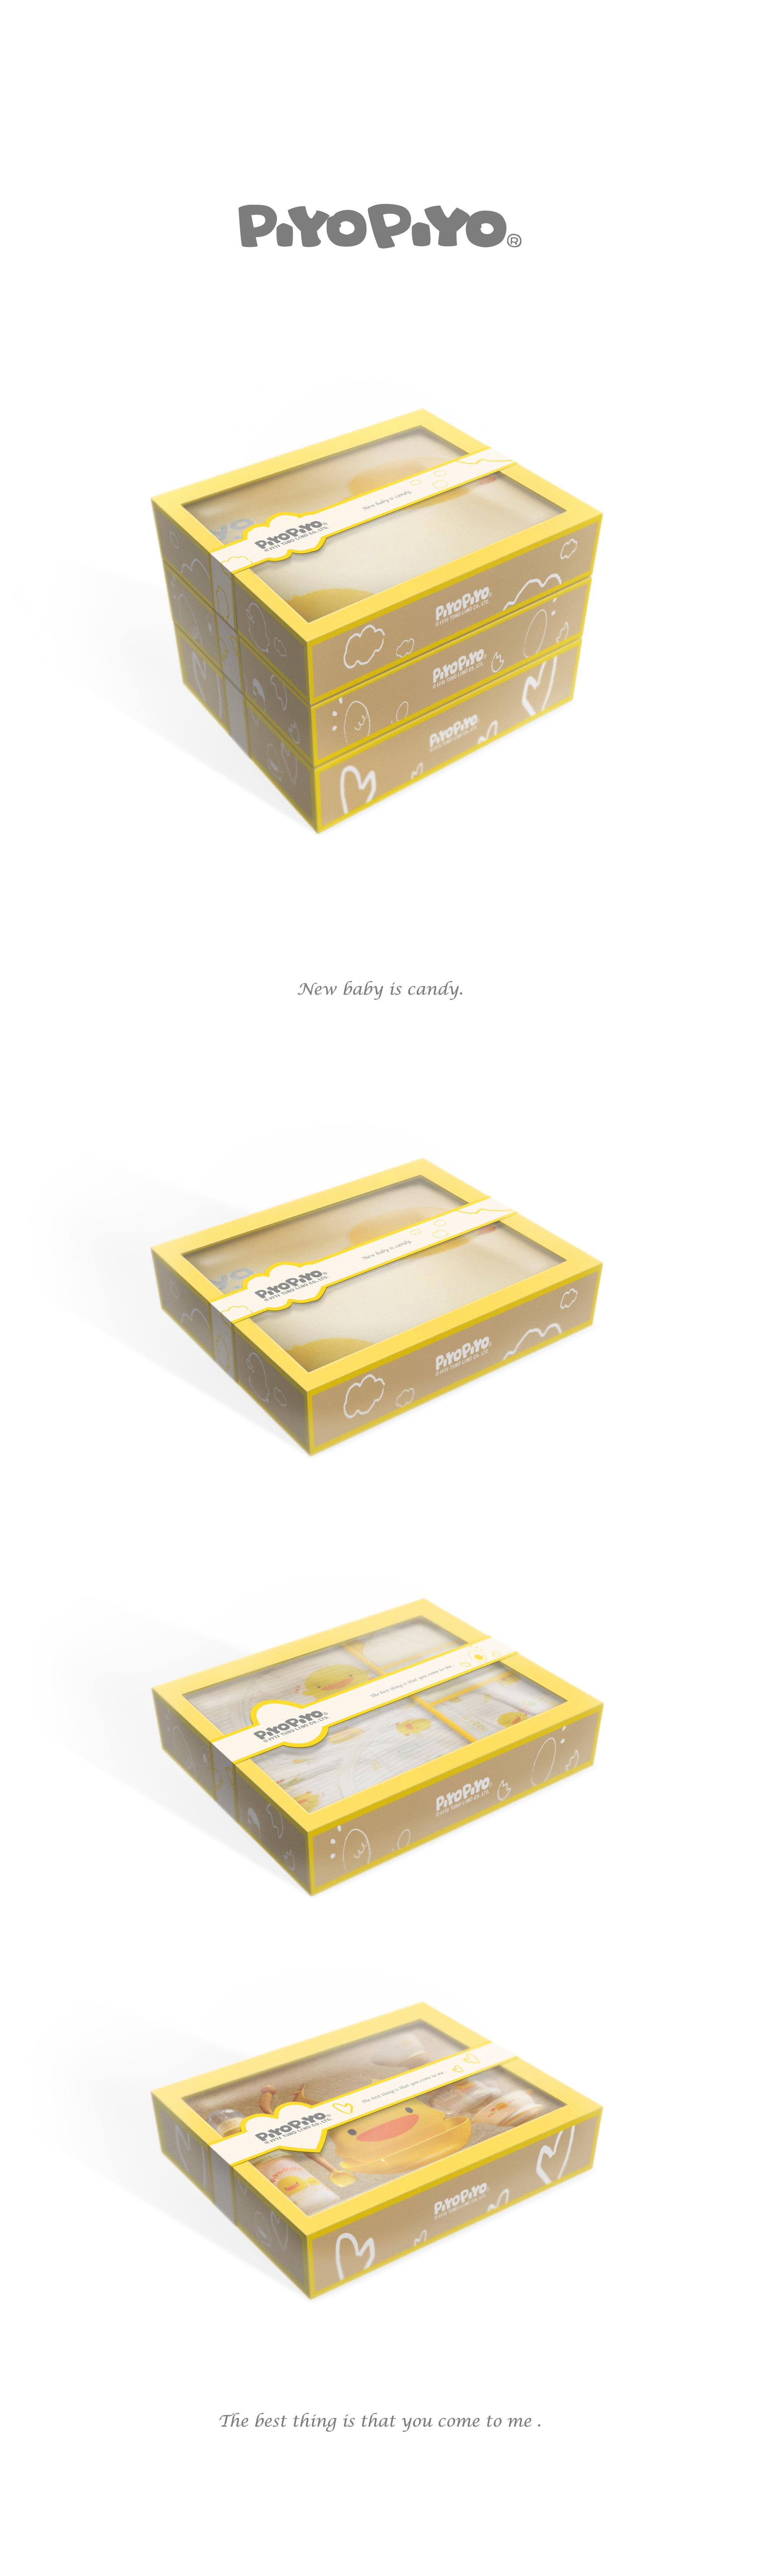 PiyoPiyo Packaging